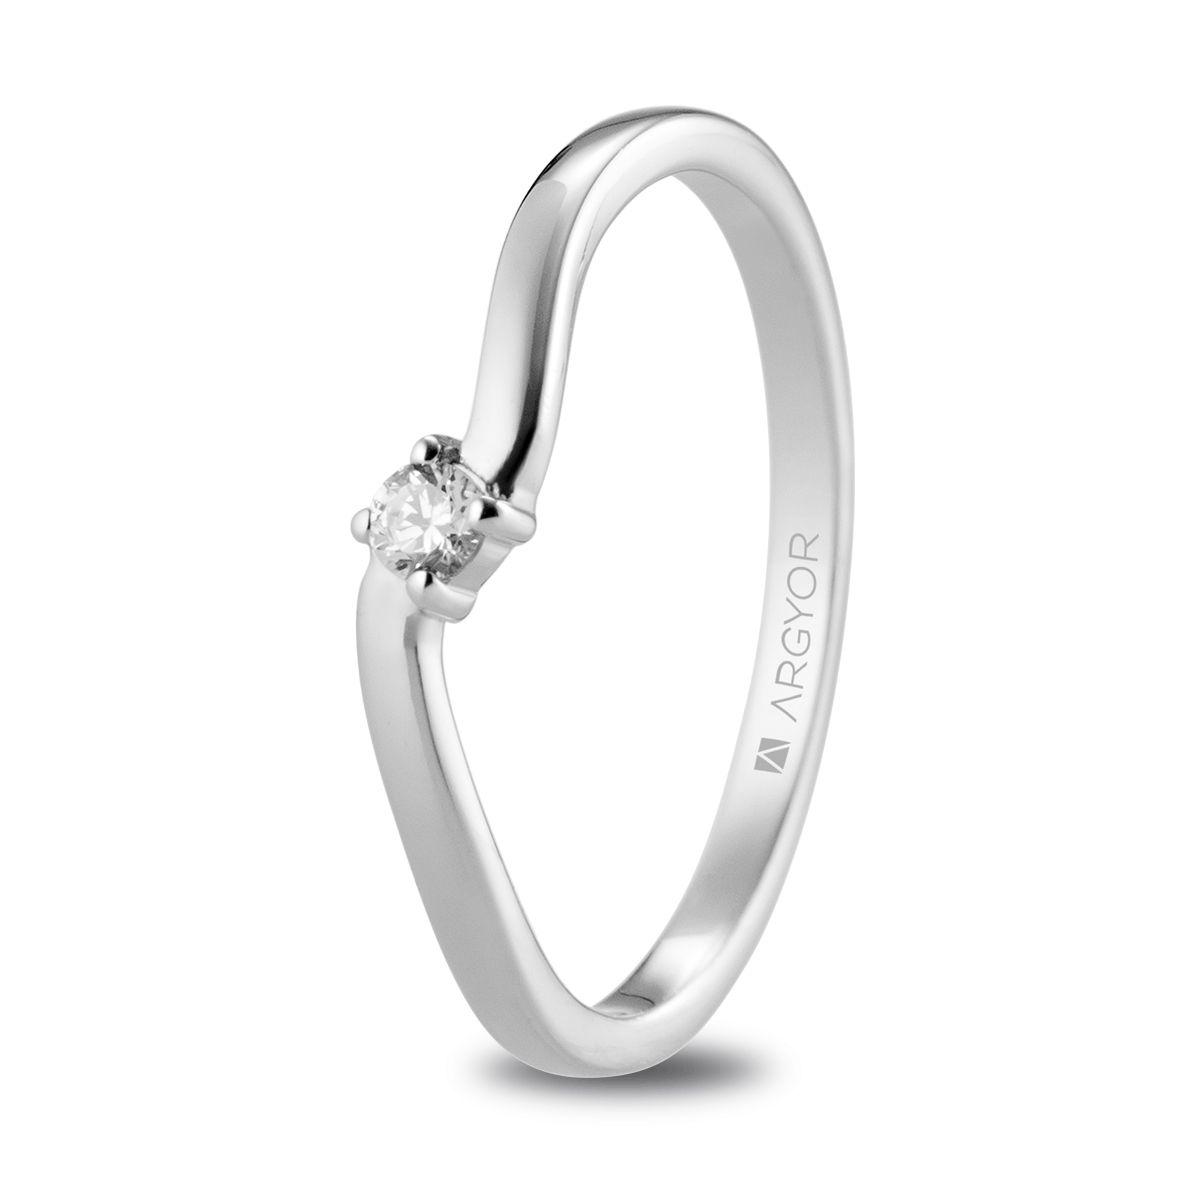 50c98a6036c3 Anillo de compromiso Argyor o. blanco 1 diamante 0.06ct. Sortija con 1  diamante